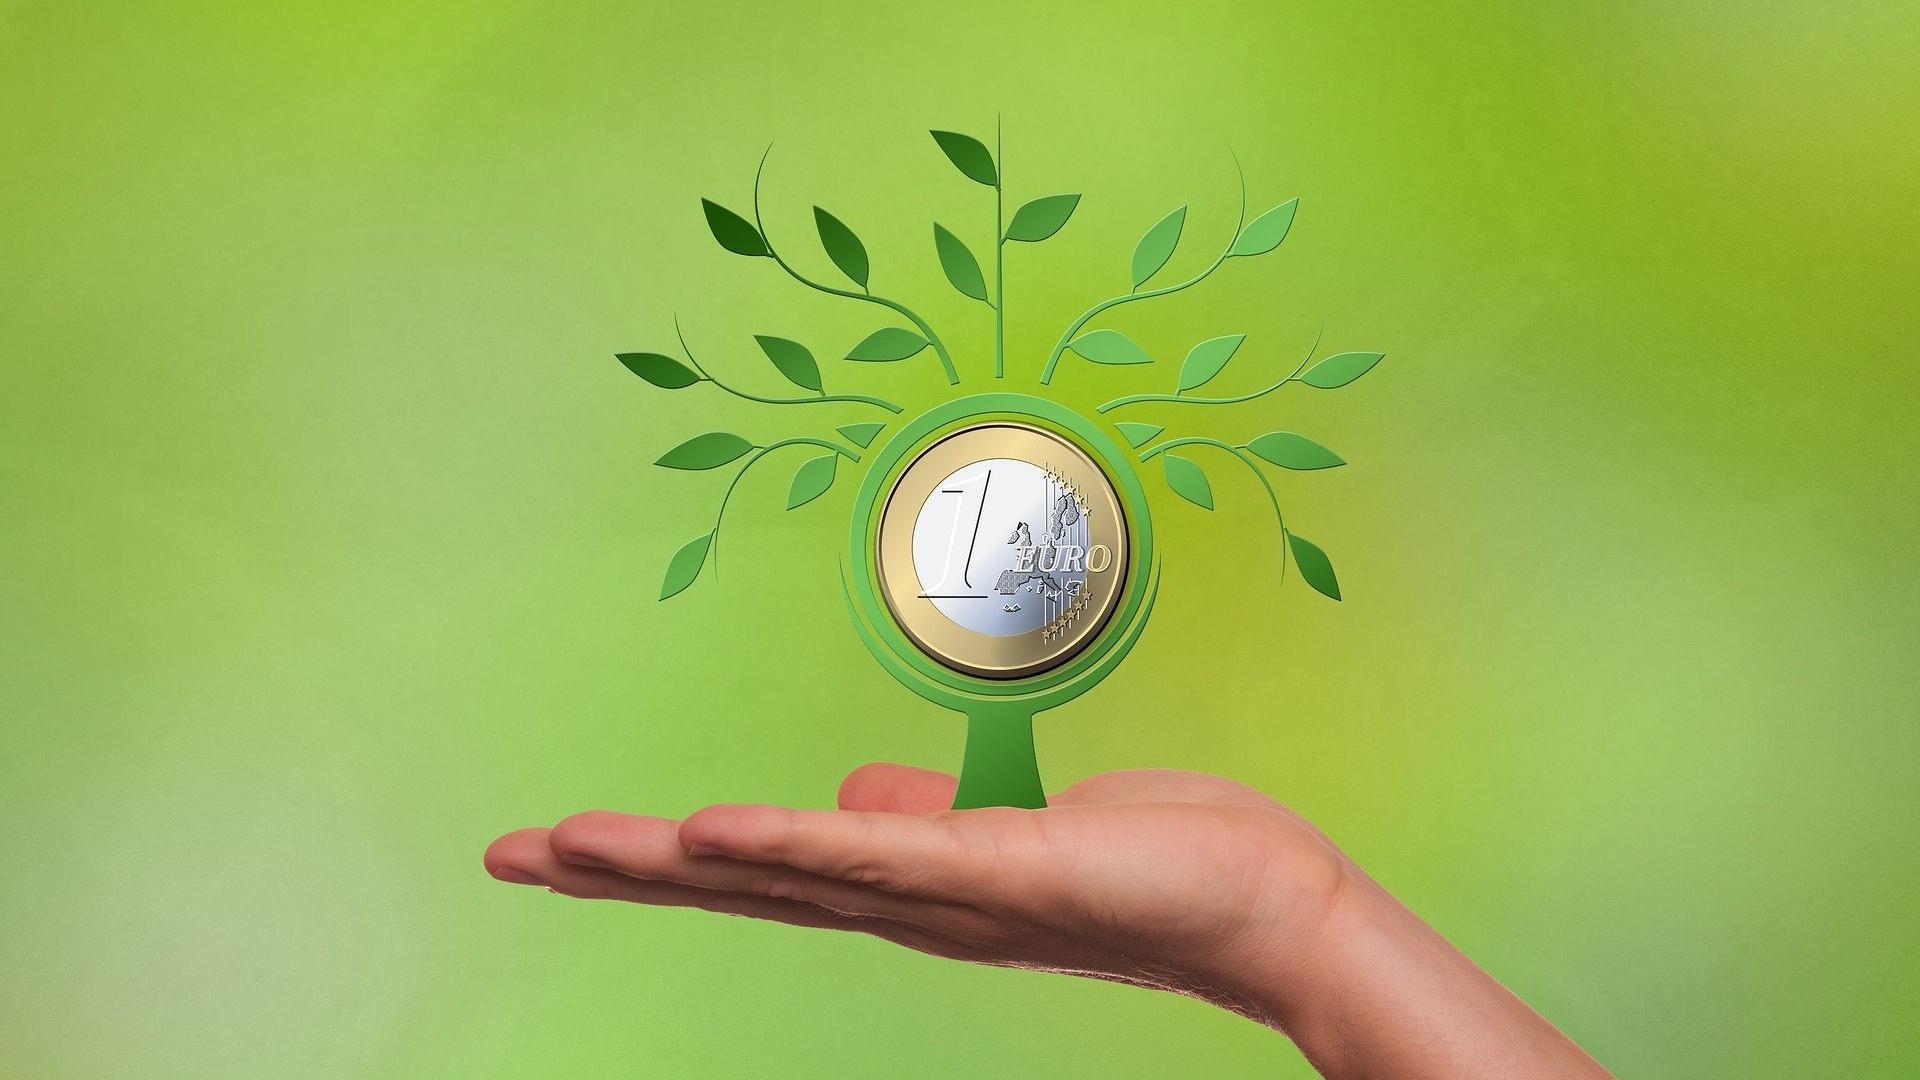 Finanziell unabhängig werden: Das sind die wichtigsten Schritte